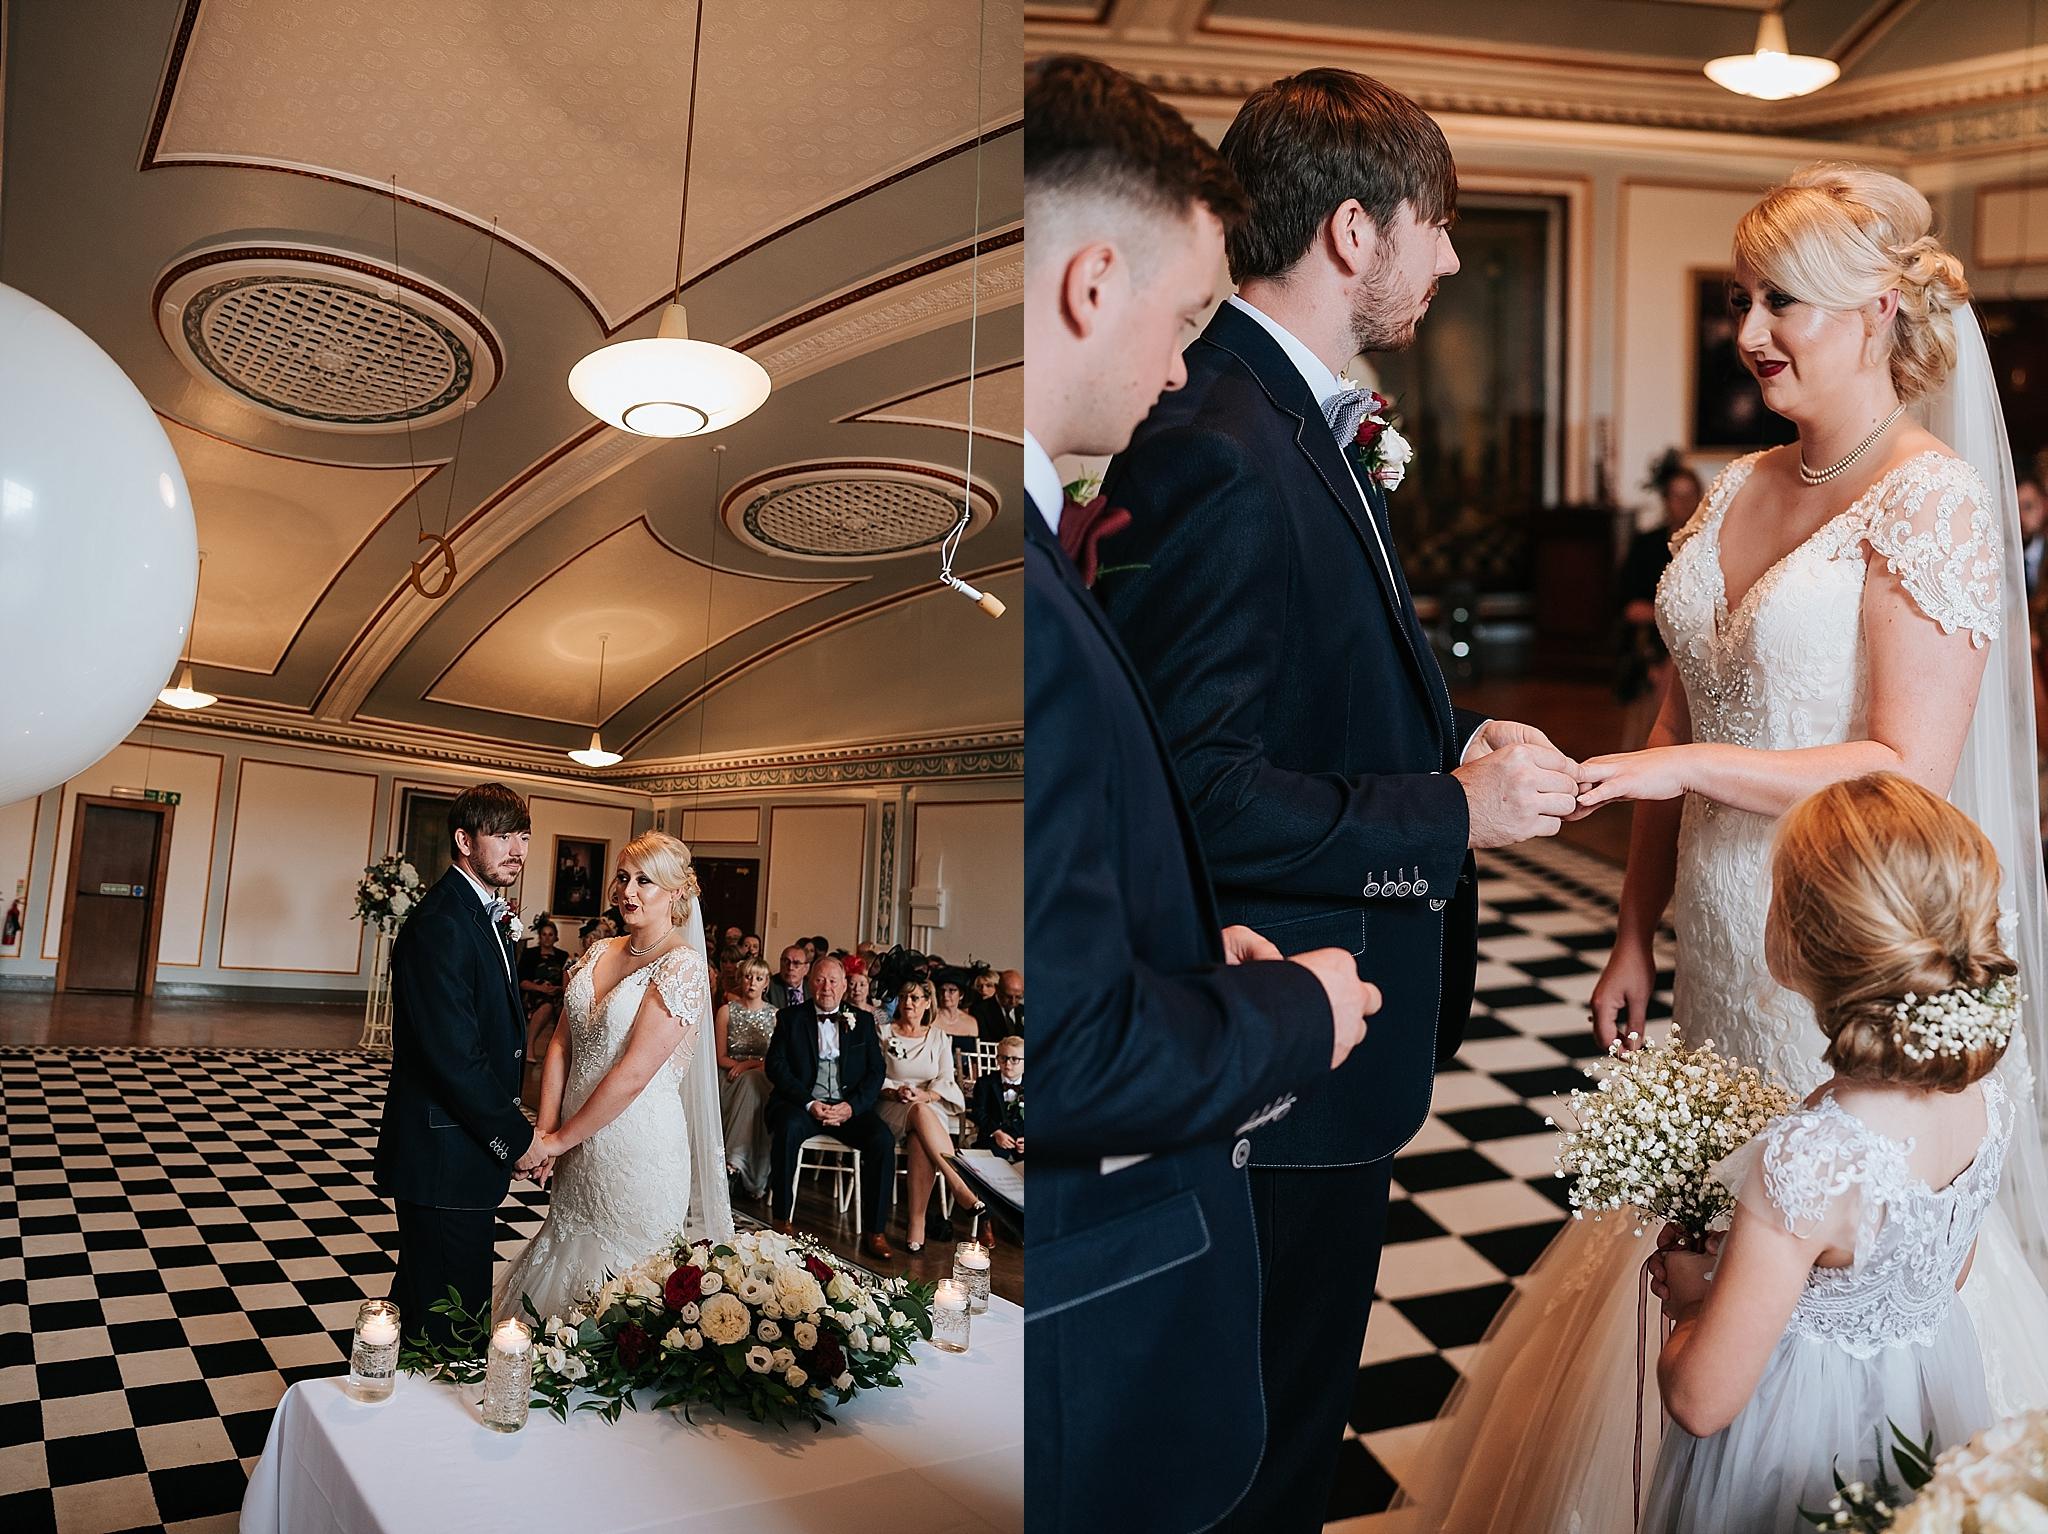 1940s style wedding in vintage wedding venue